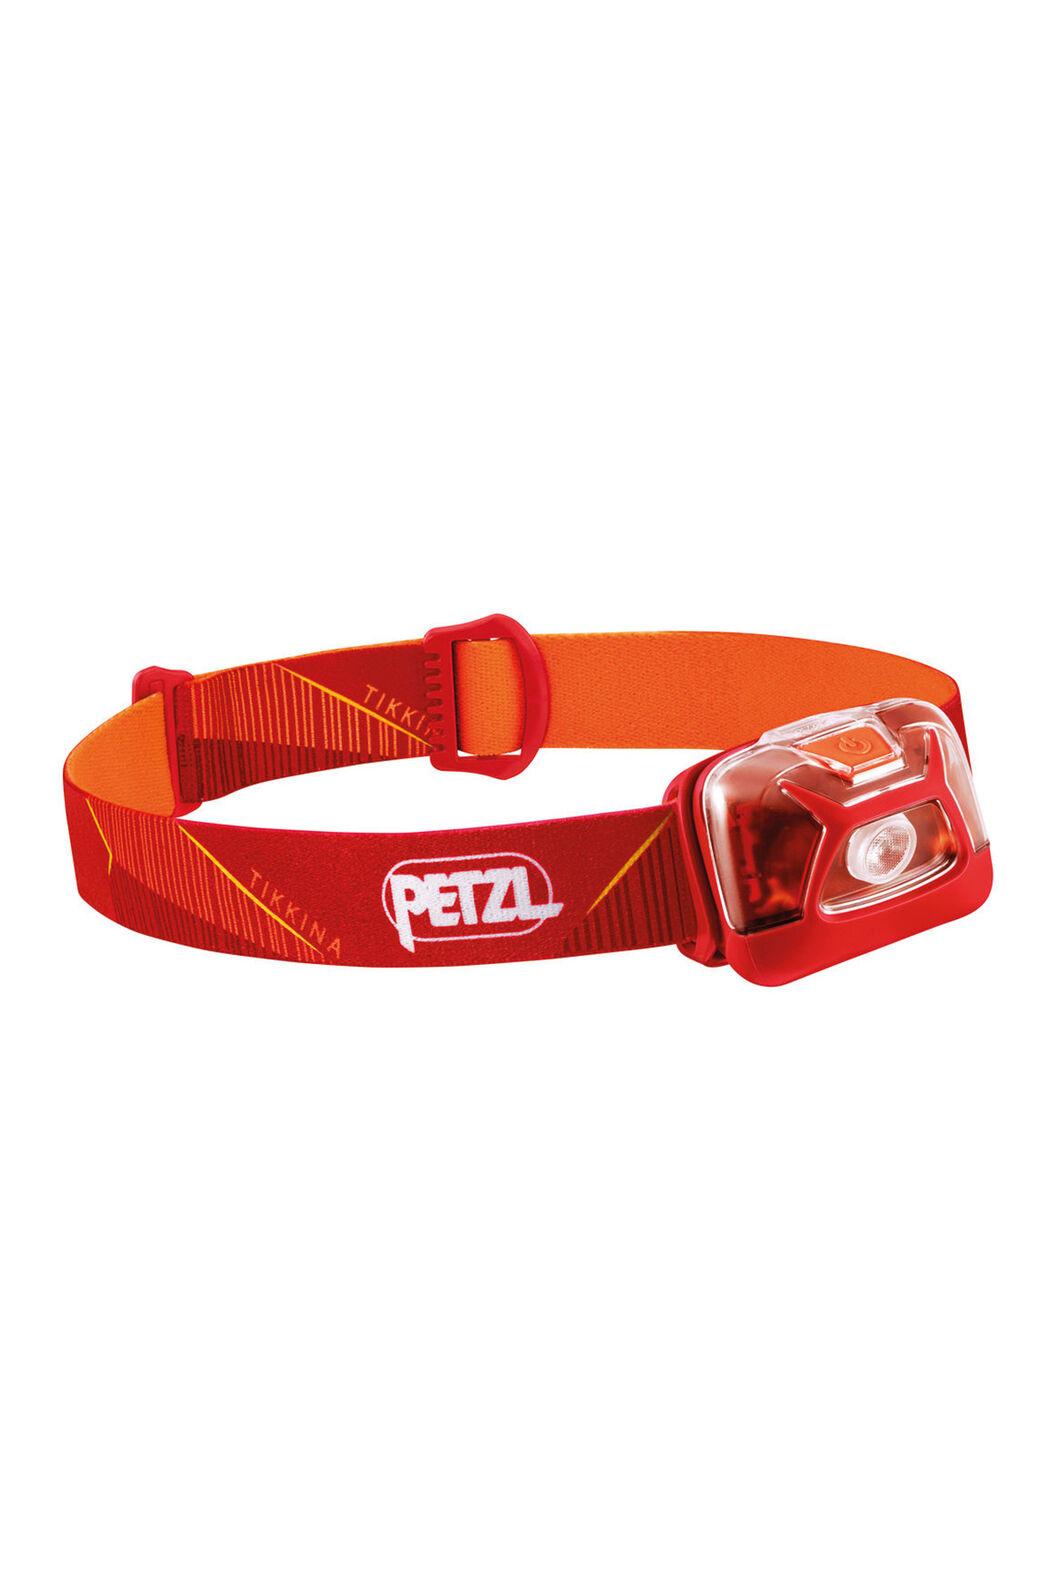 Petzl Tikkina Headlamp, Red, hi-res